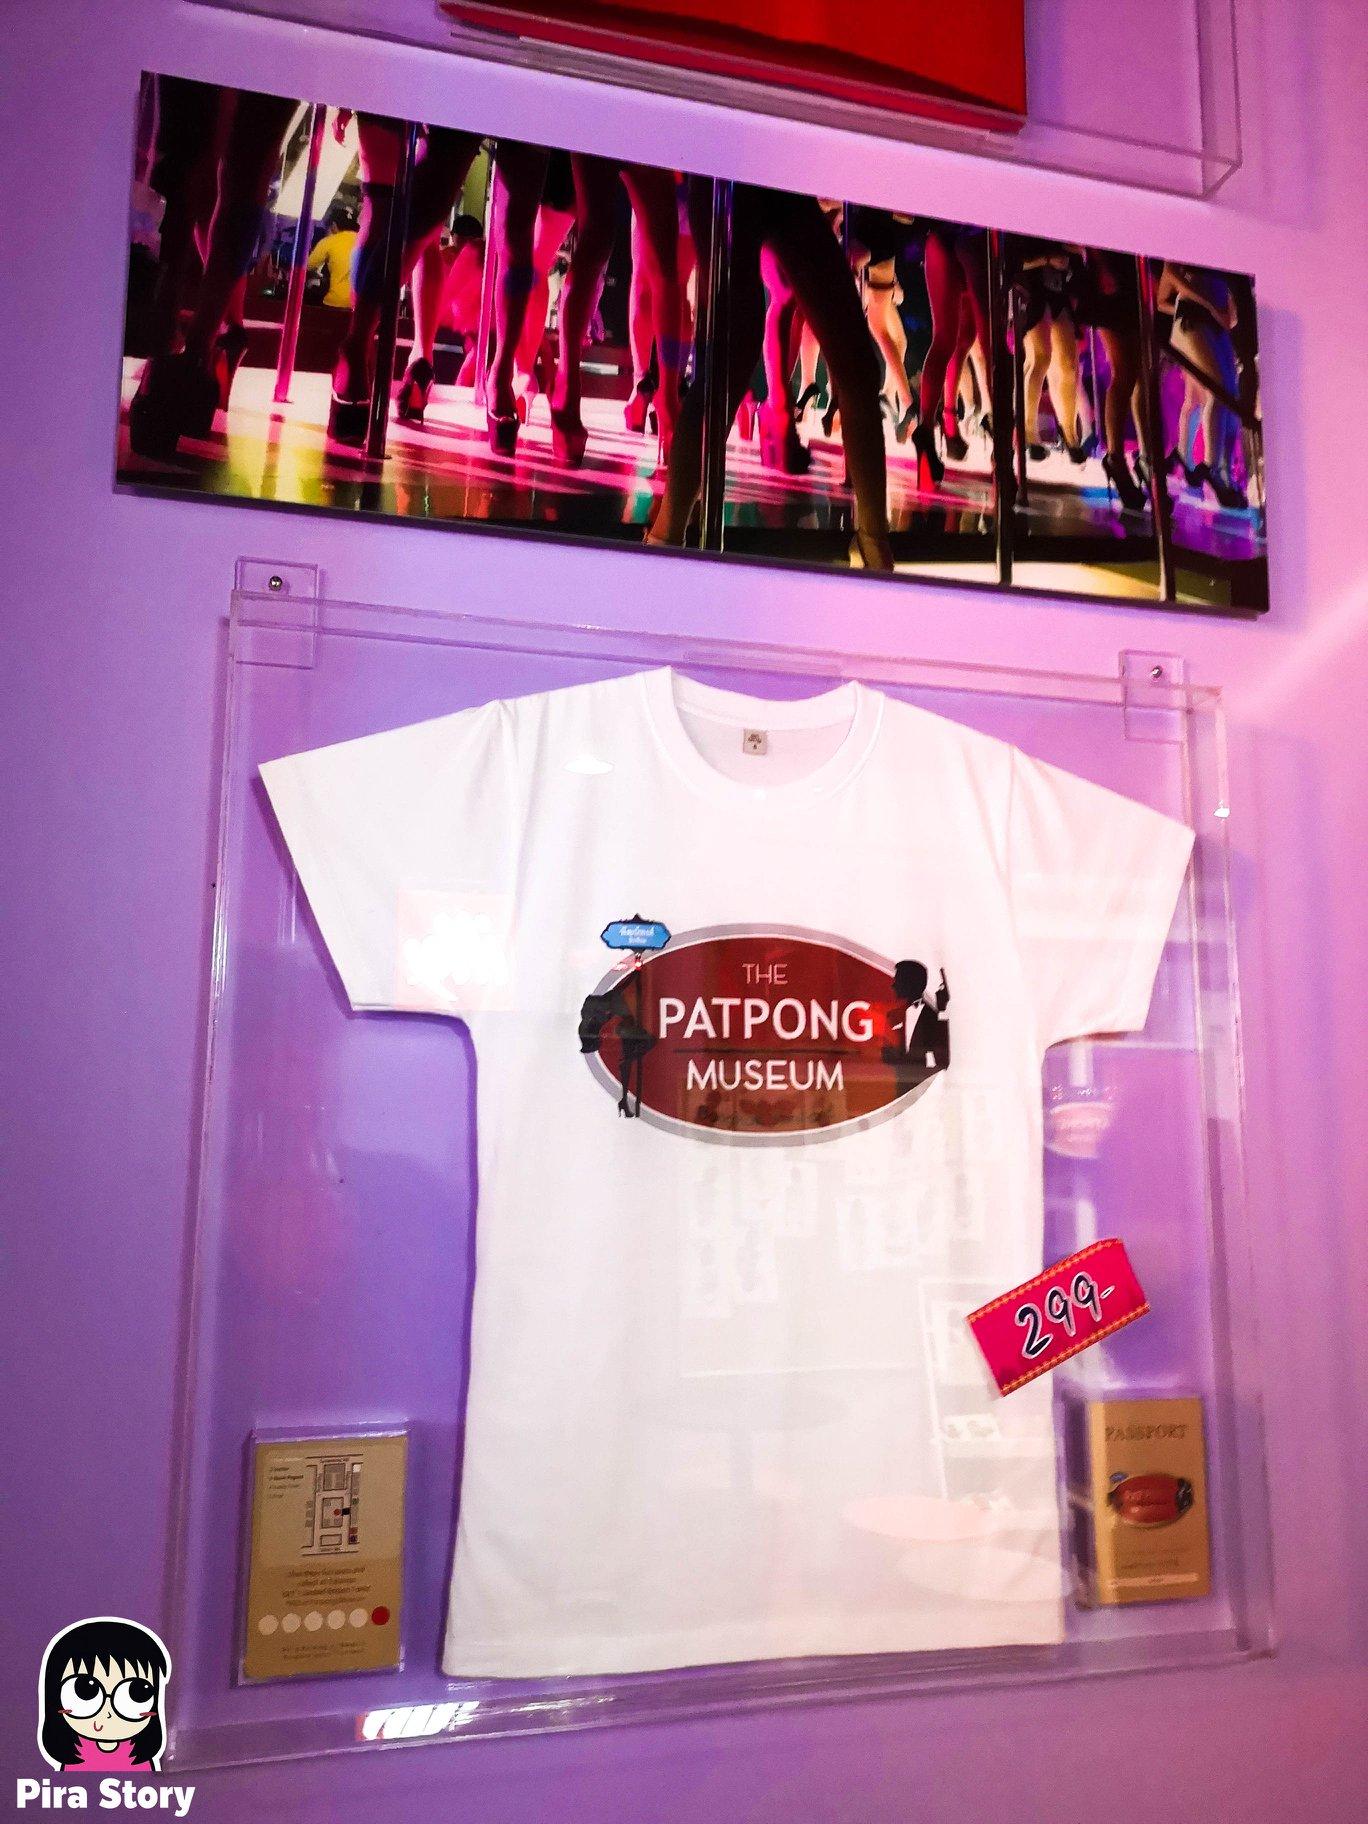 รางวัล เสื้อ แจกเสื้อ ที่ระลึก Fetish BDSM Fifty shades of grey ซาดิสม์ ความรุนแรง พิพิธภัณฑ์พัฒน์พงศ์ Patpong museum พัฒน์พงศ์มิวเซียม sex worker ซ่อง ประวัติศาสตร์ โคมเขียว พัฒน์พงศ์มิวเซียม pira story pirastory เที่ยวเนิร์ดๆ บาร์ลับ คาเฟ่ลับ สีลม ศาลาแดง